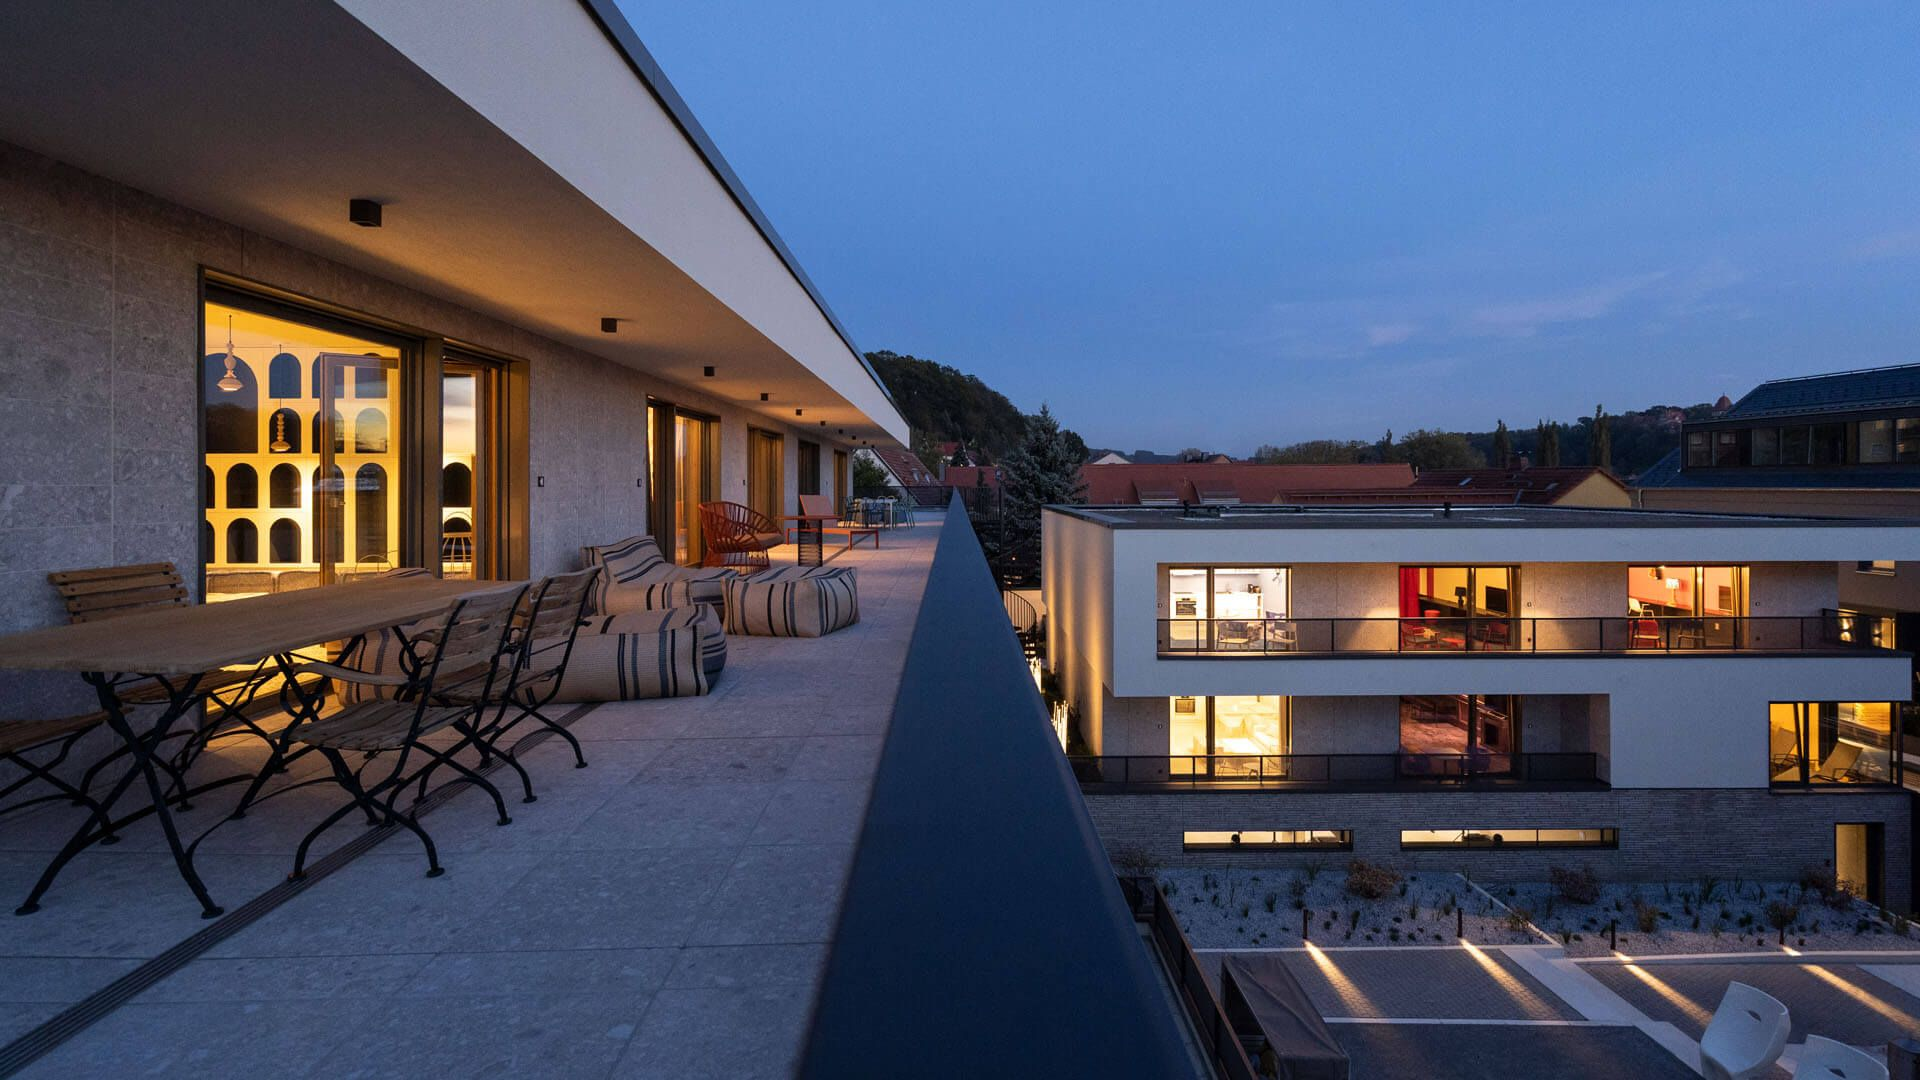 Hotel Laurichhof Dachterrasse